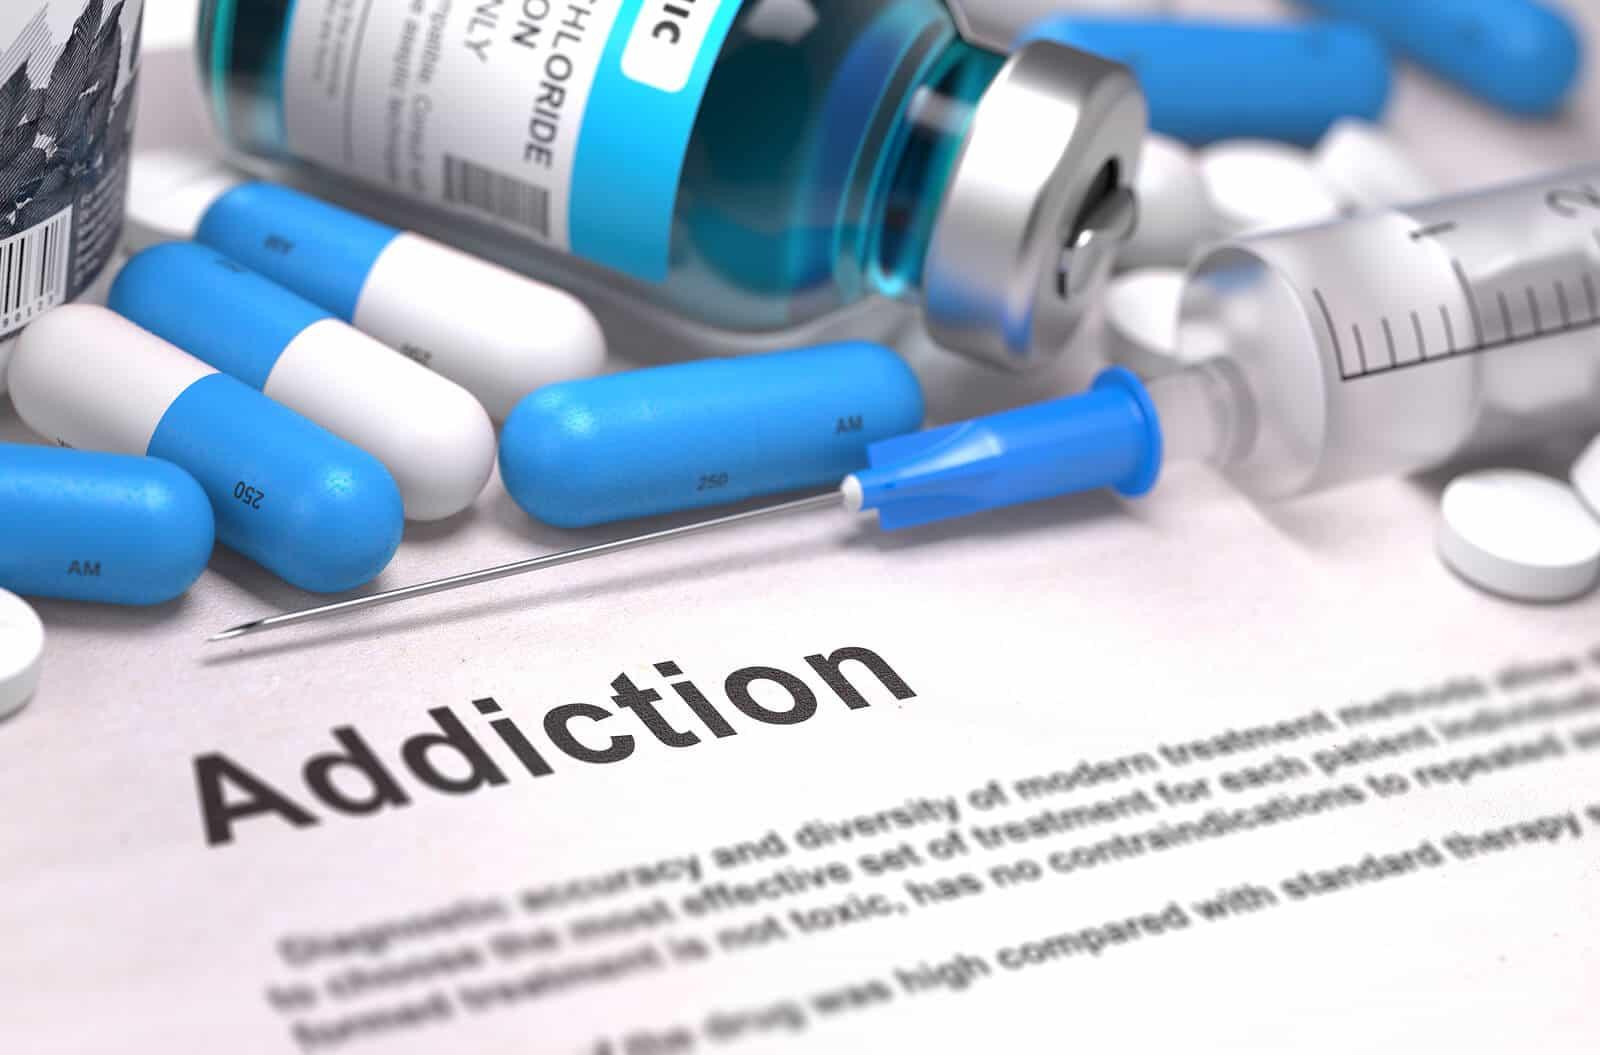 Diagnosis - Addiction. Medical Concept.